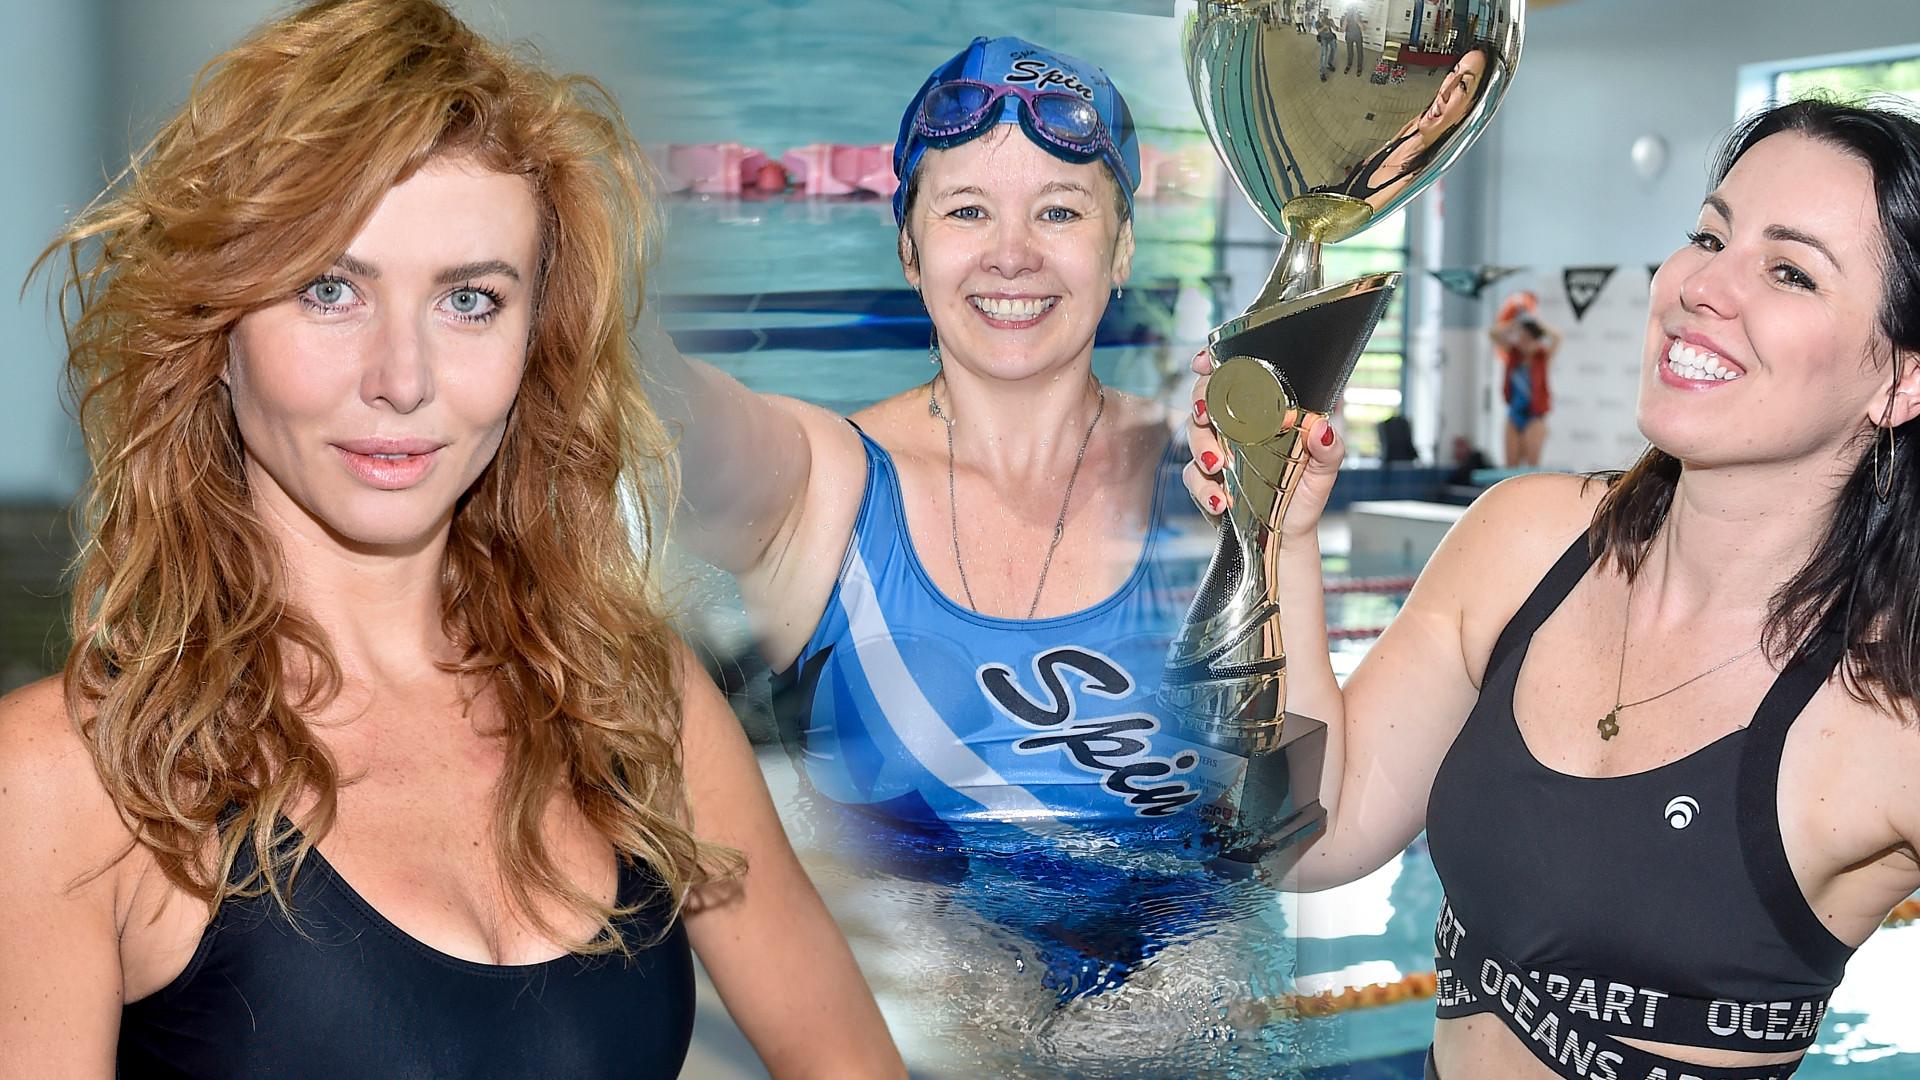 Mistrzostwa Polski Aktorów w Pływaniu. Agata Załęcka zwracała uwagę wyciętym strojem kąpielowym (ZDJĘCIA)